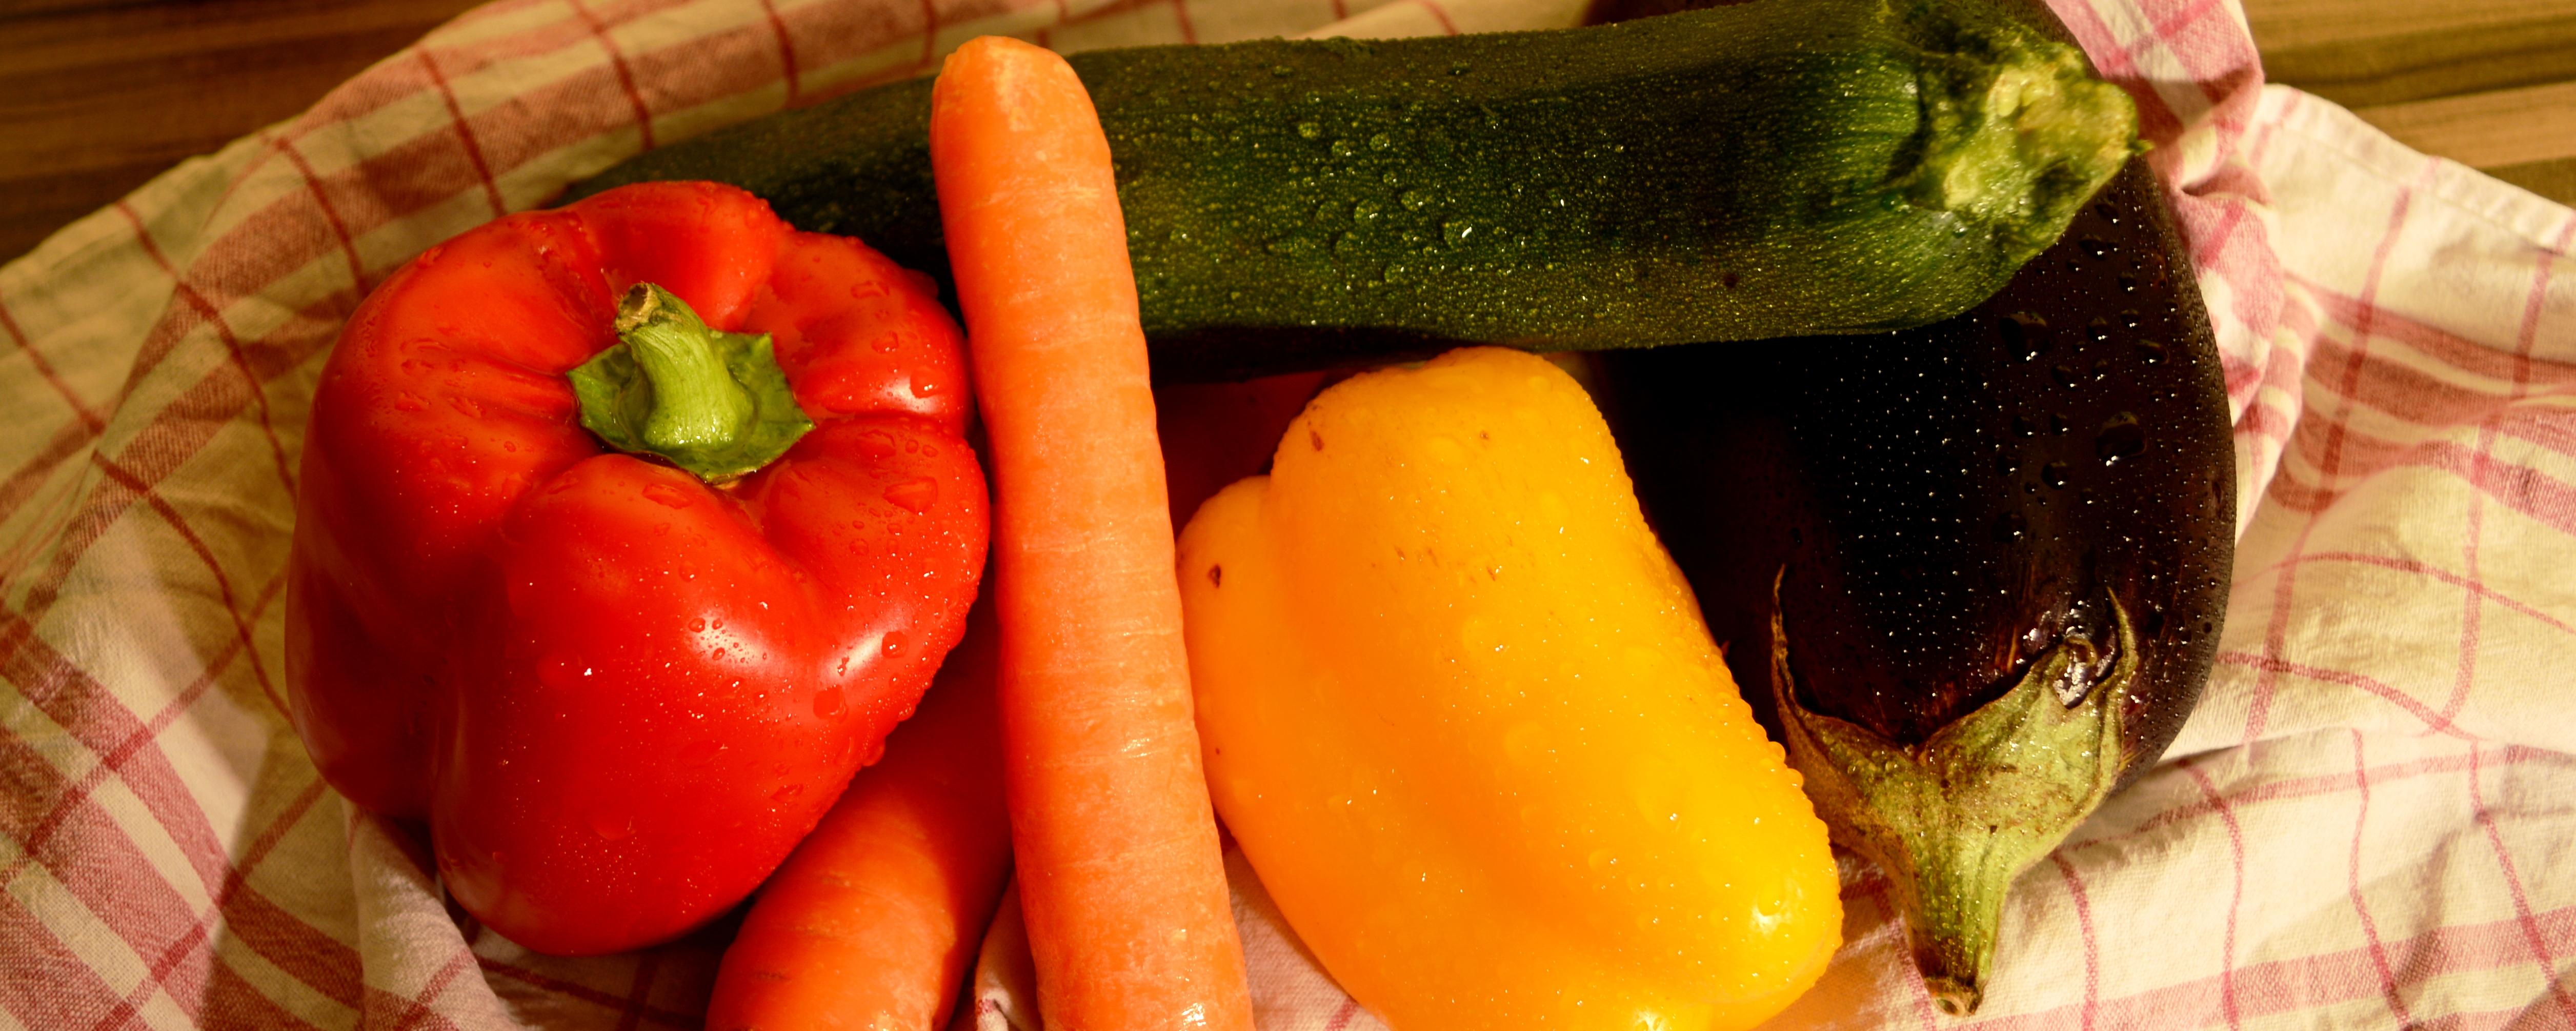 Von Gemüse kann man nie genug essen.